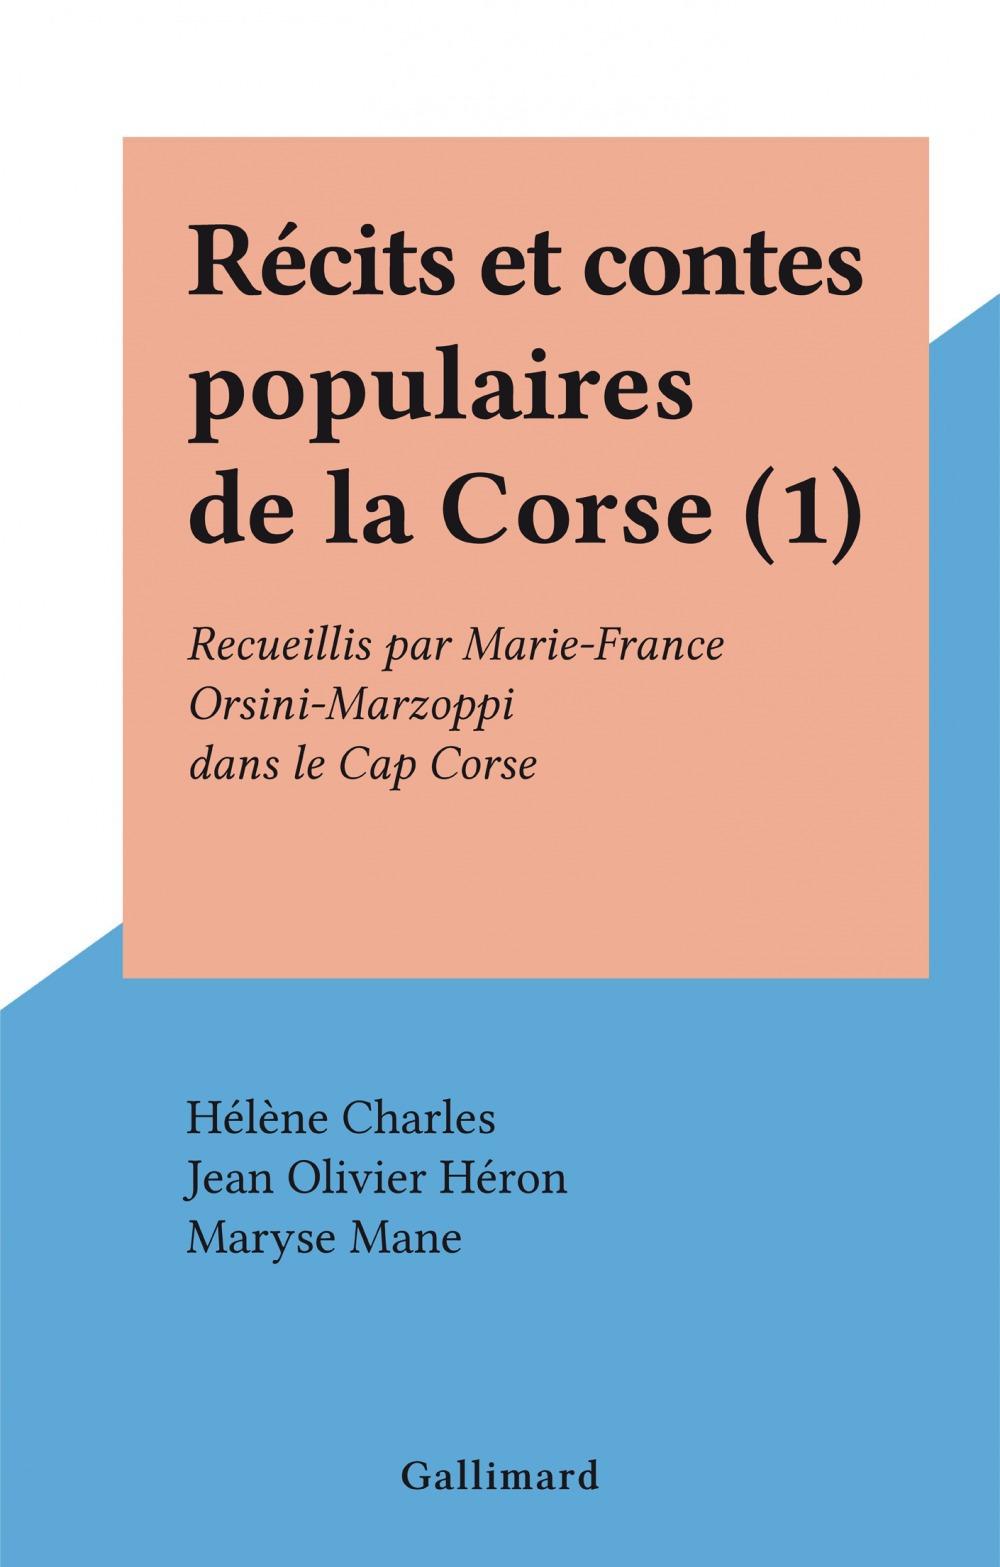 Récits et contes populaires de la Corse (1)